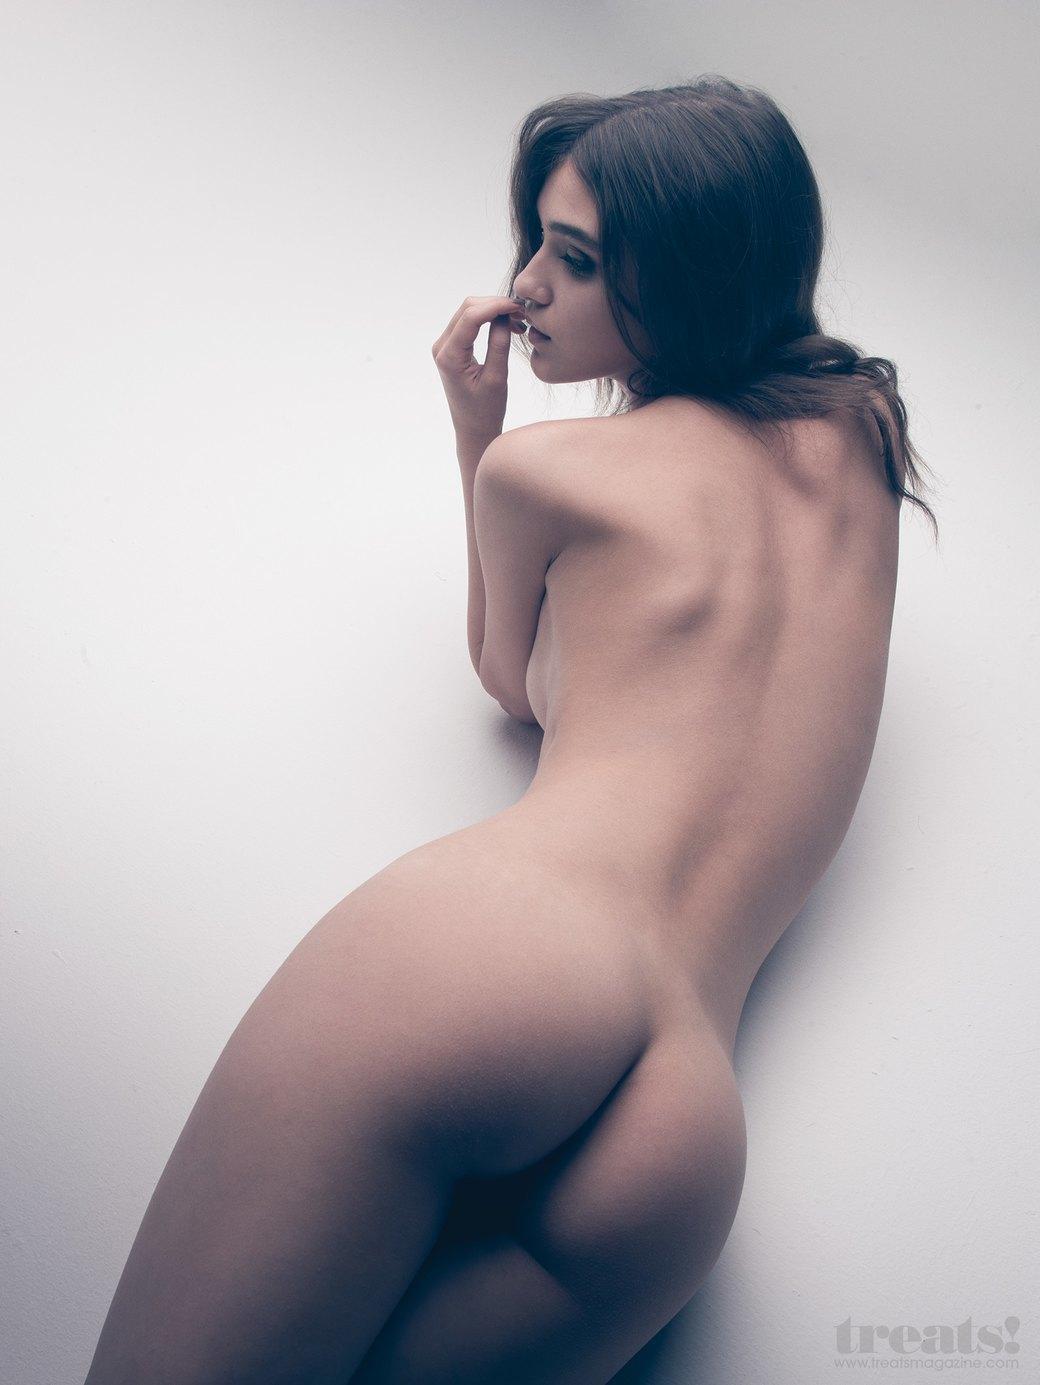 Деннисон Бертрам сфотографировал польскую модель Паулу Бульчински для нового номера журнала Treats!. Изображение № 5.